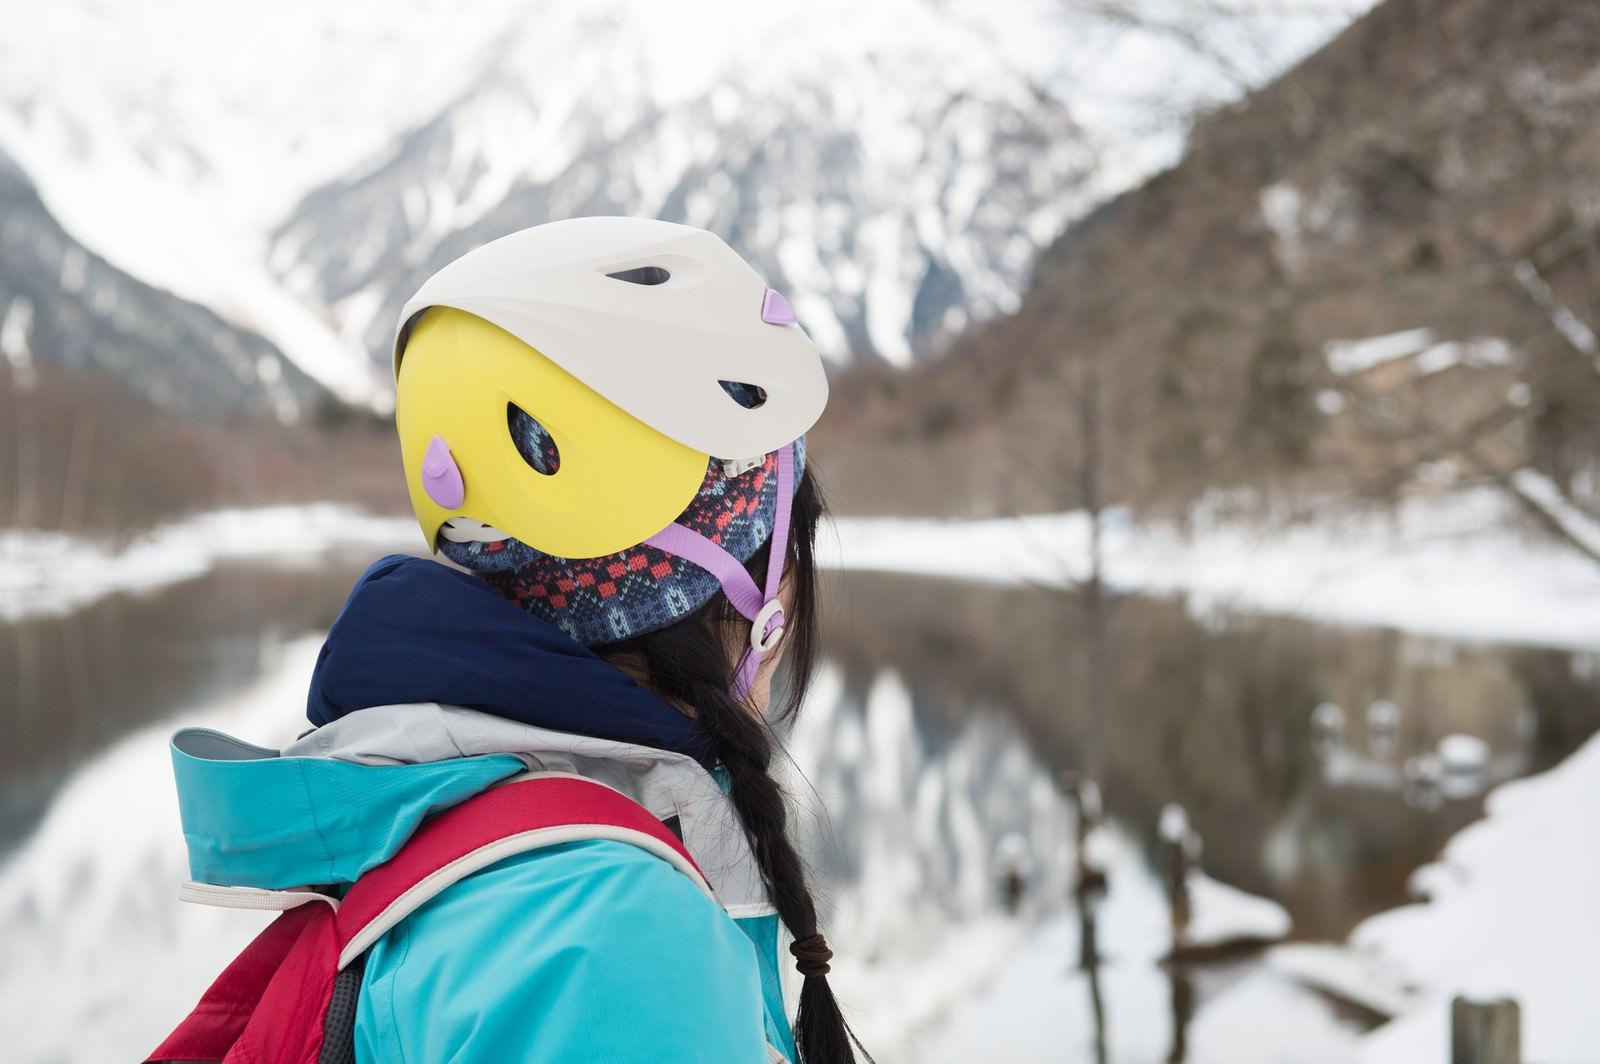 「カラーバリエーション豊富な登山用ヘルメット」の写真[モデル:河村友歌]